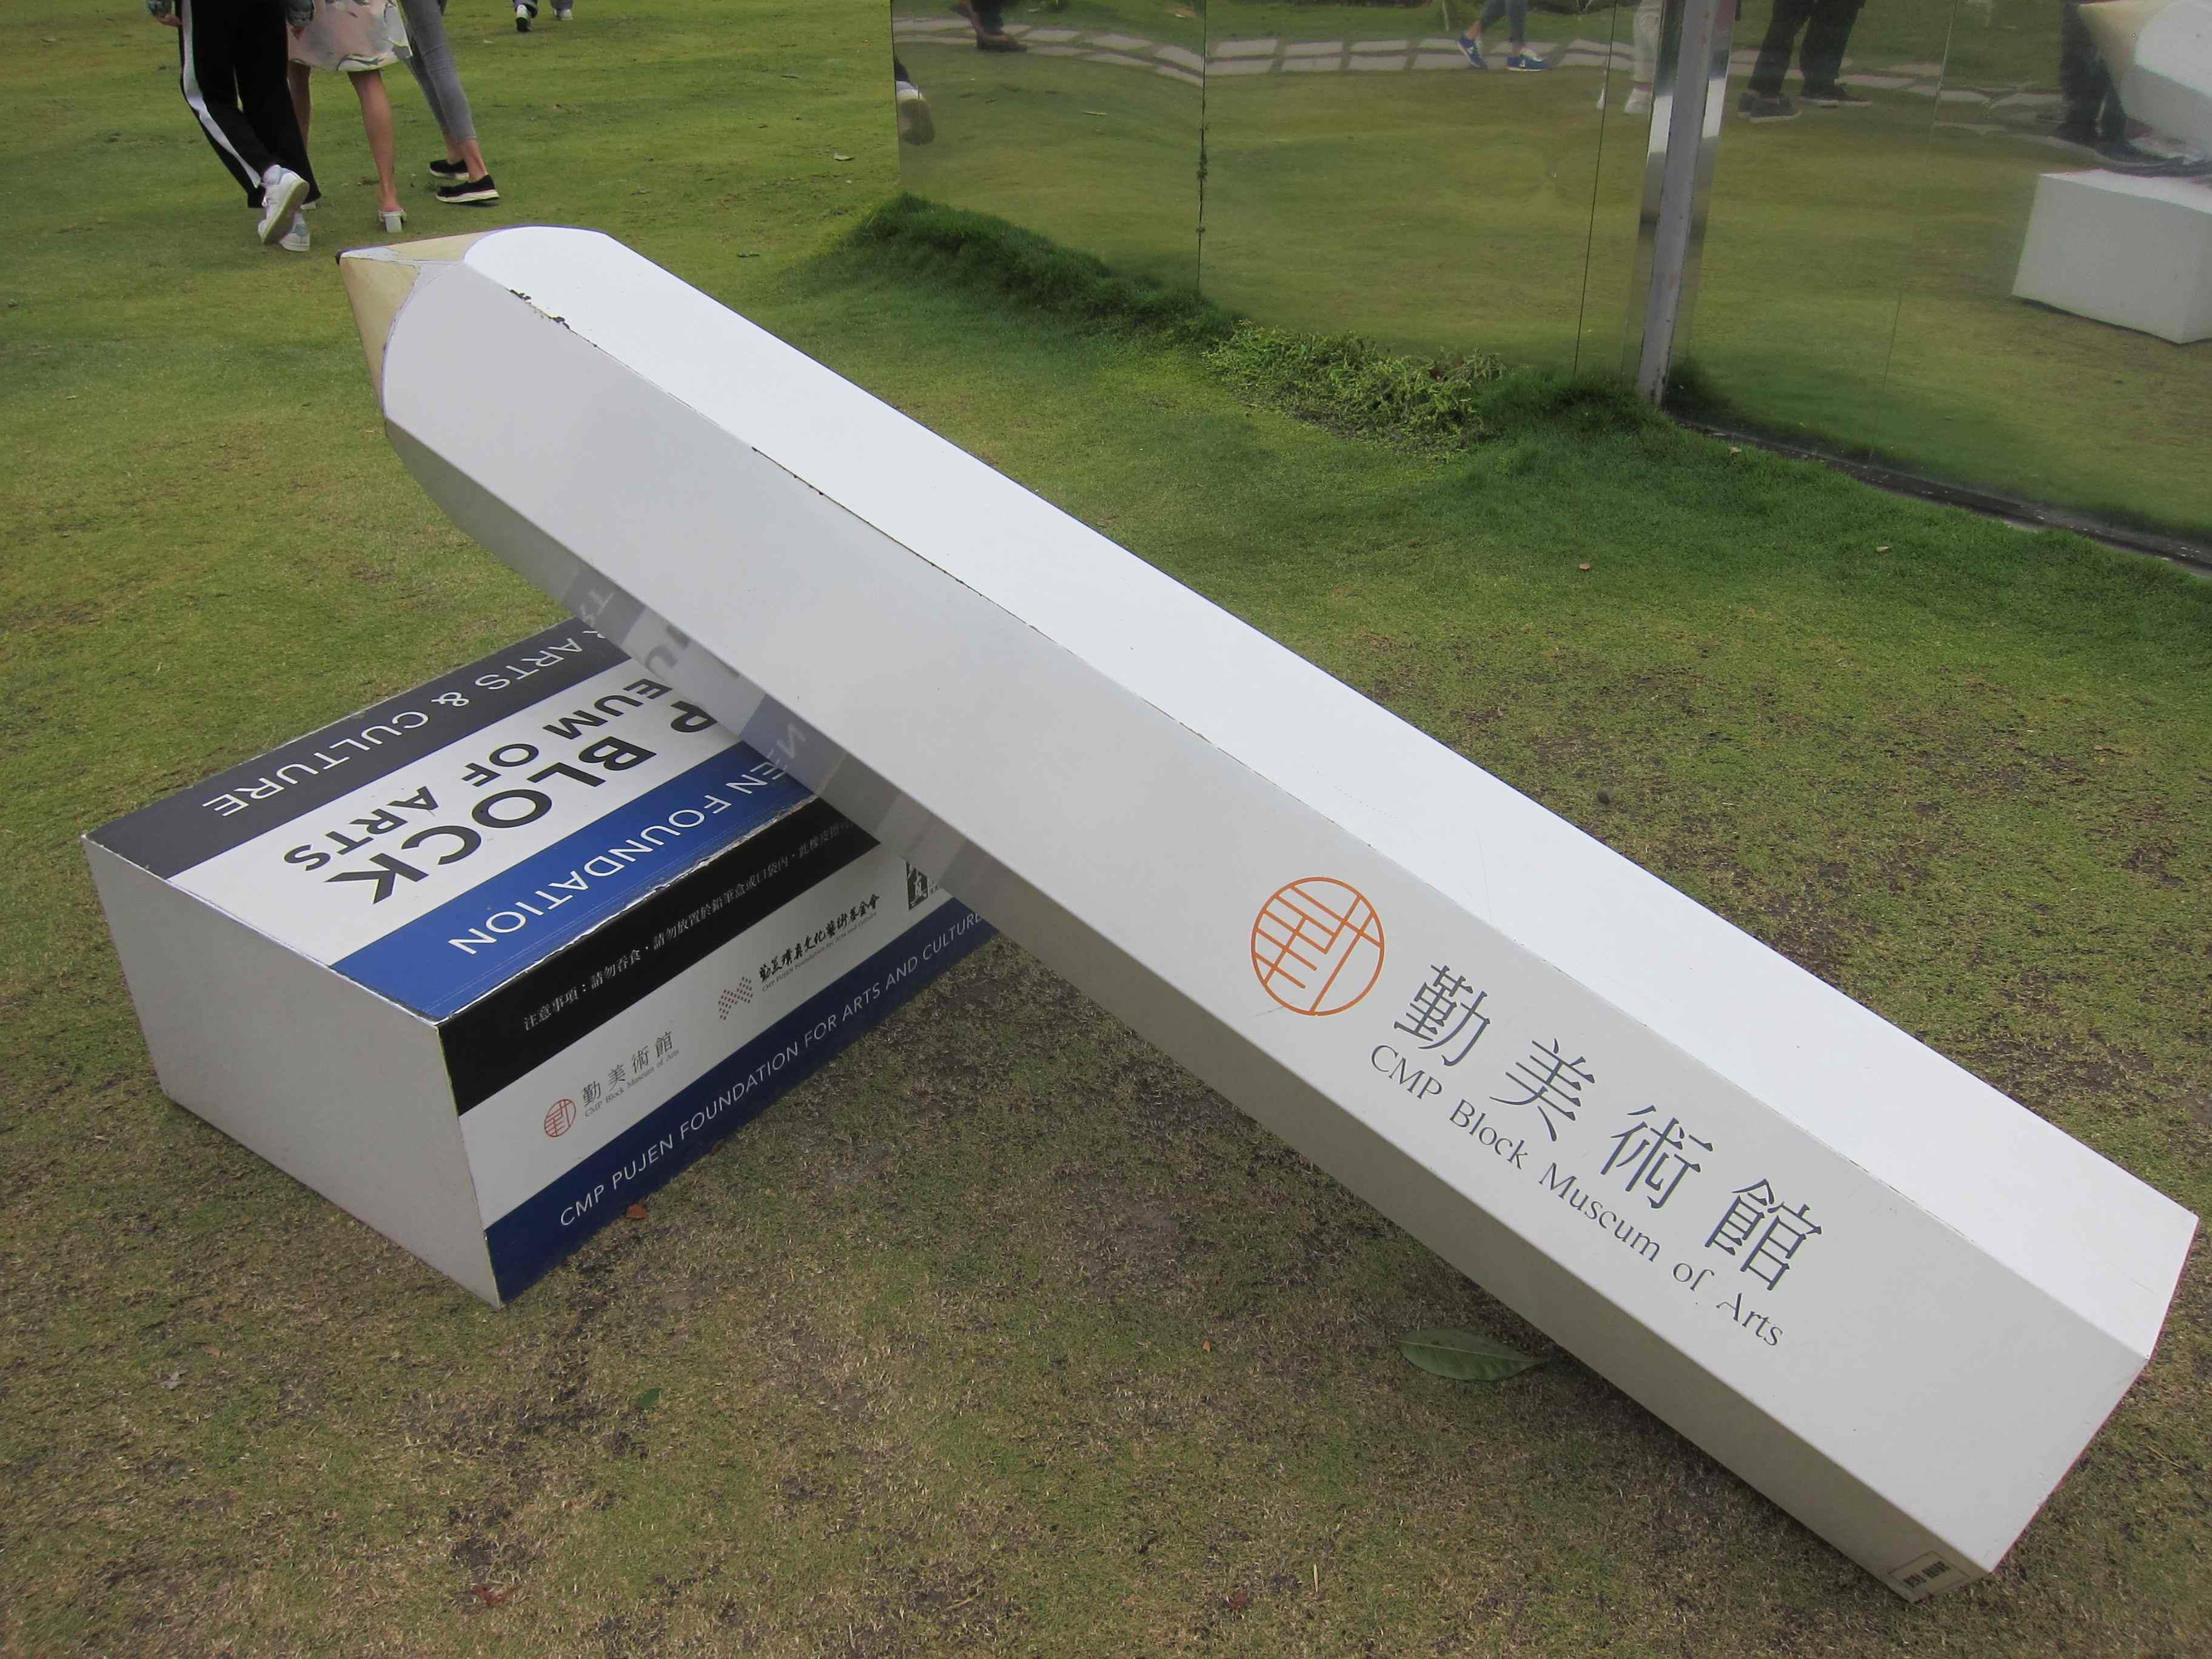 【台湾】taiwanアートに触れる旅5 勤美術館in台中